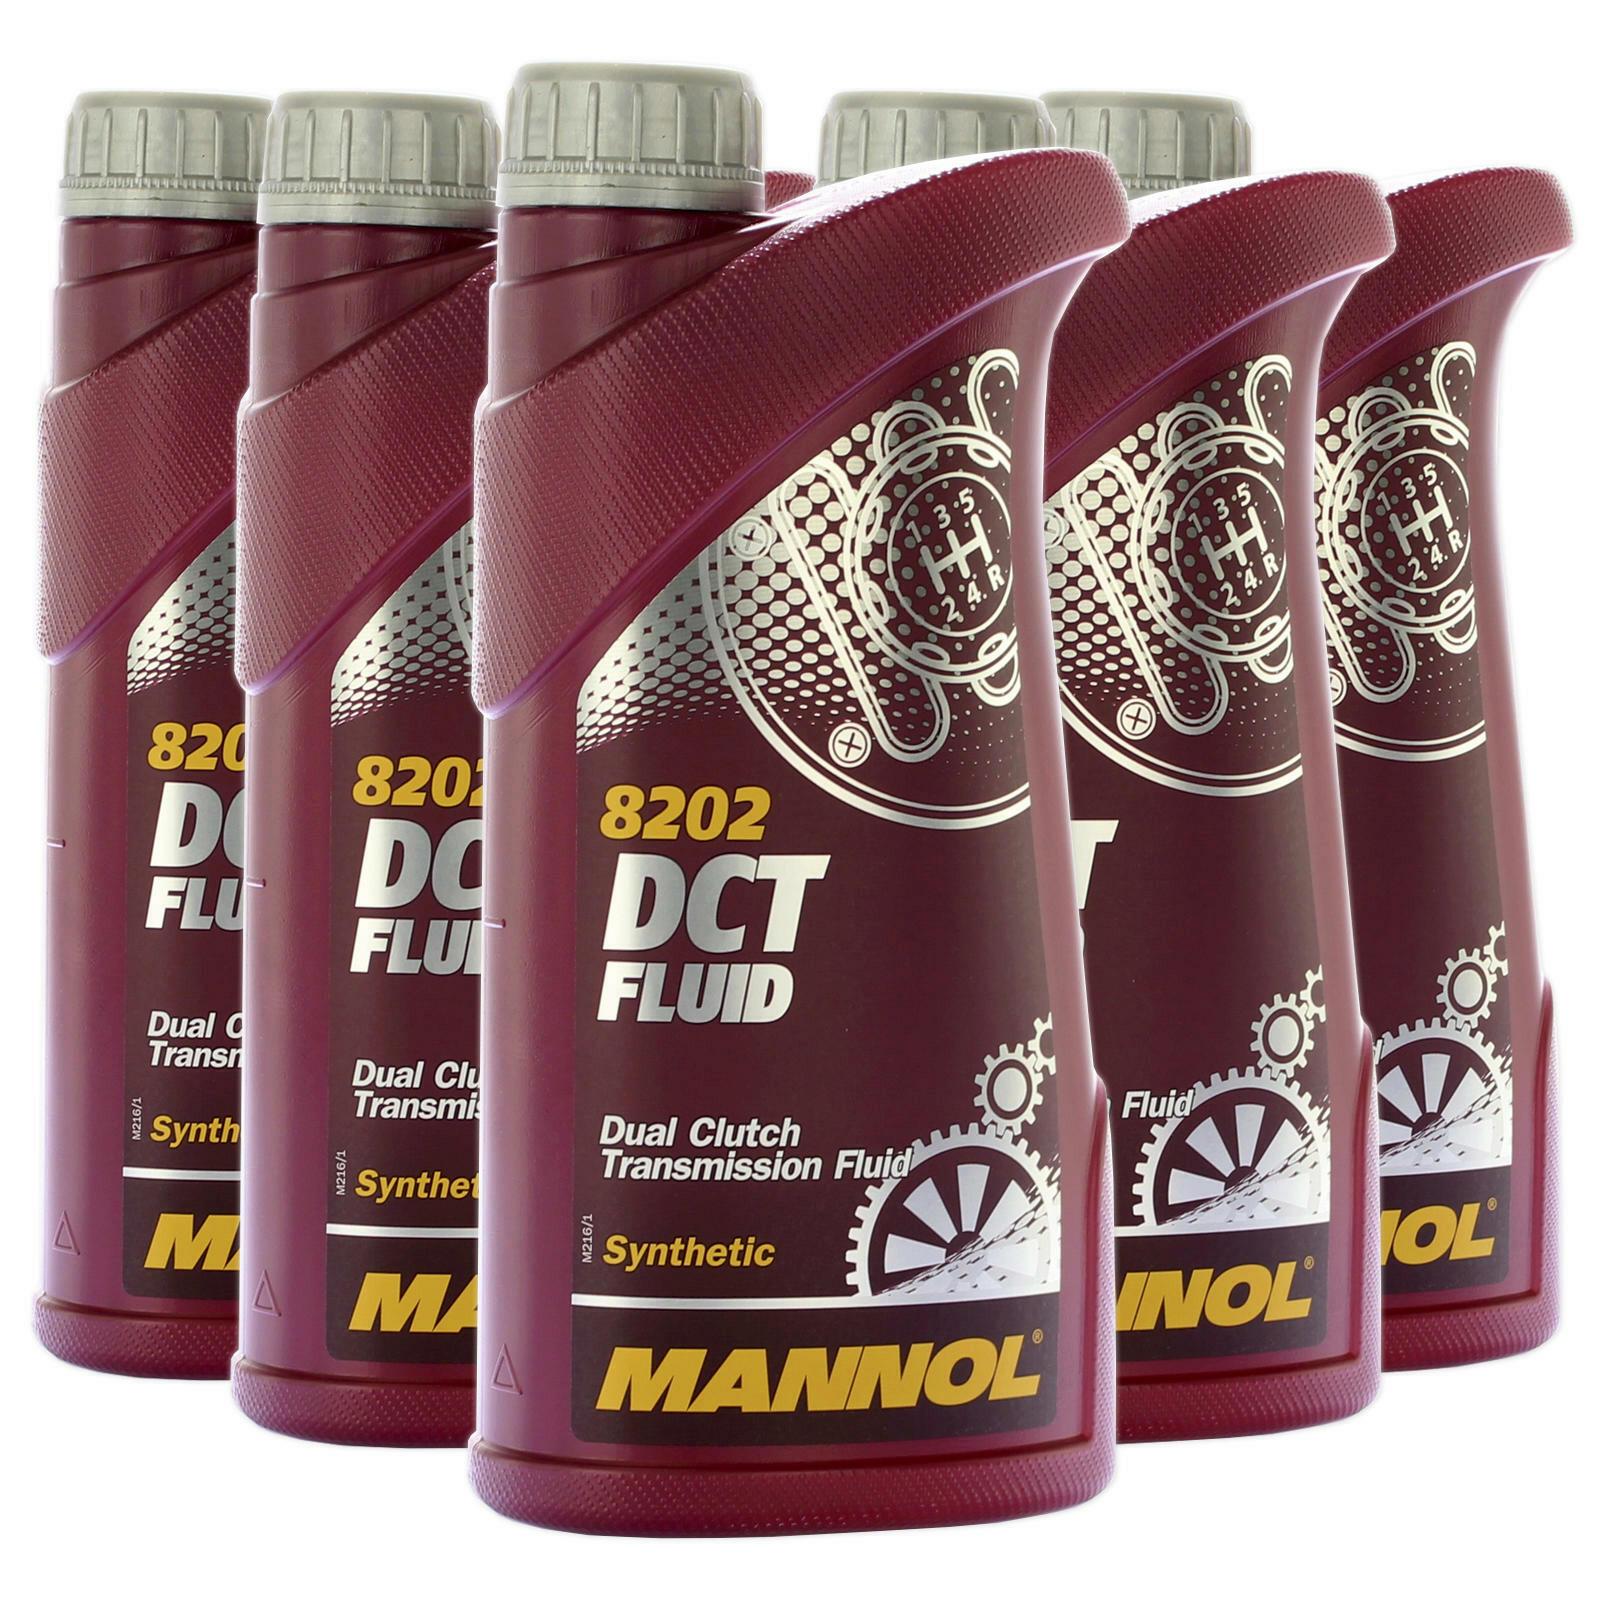 5 x 1l MANNOL DSG synthetisches Getriebeöl für VW/ Audi/ MB/ BMW/ Ford/ Volvo